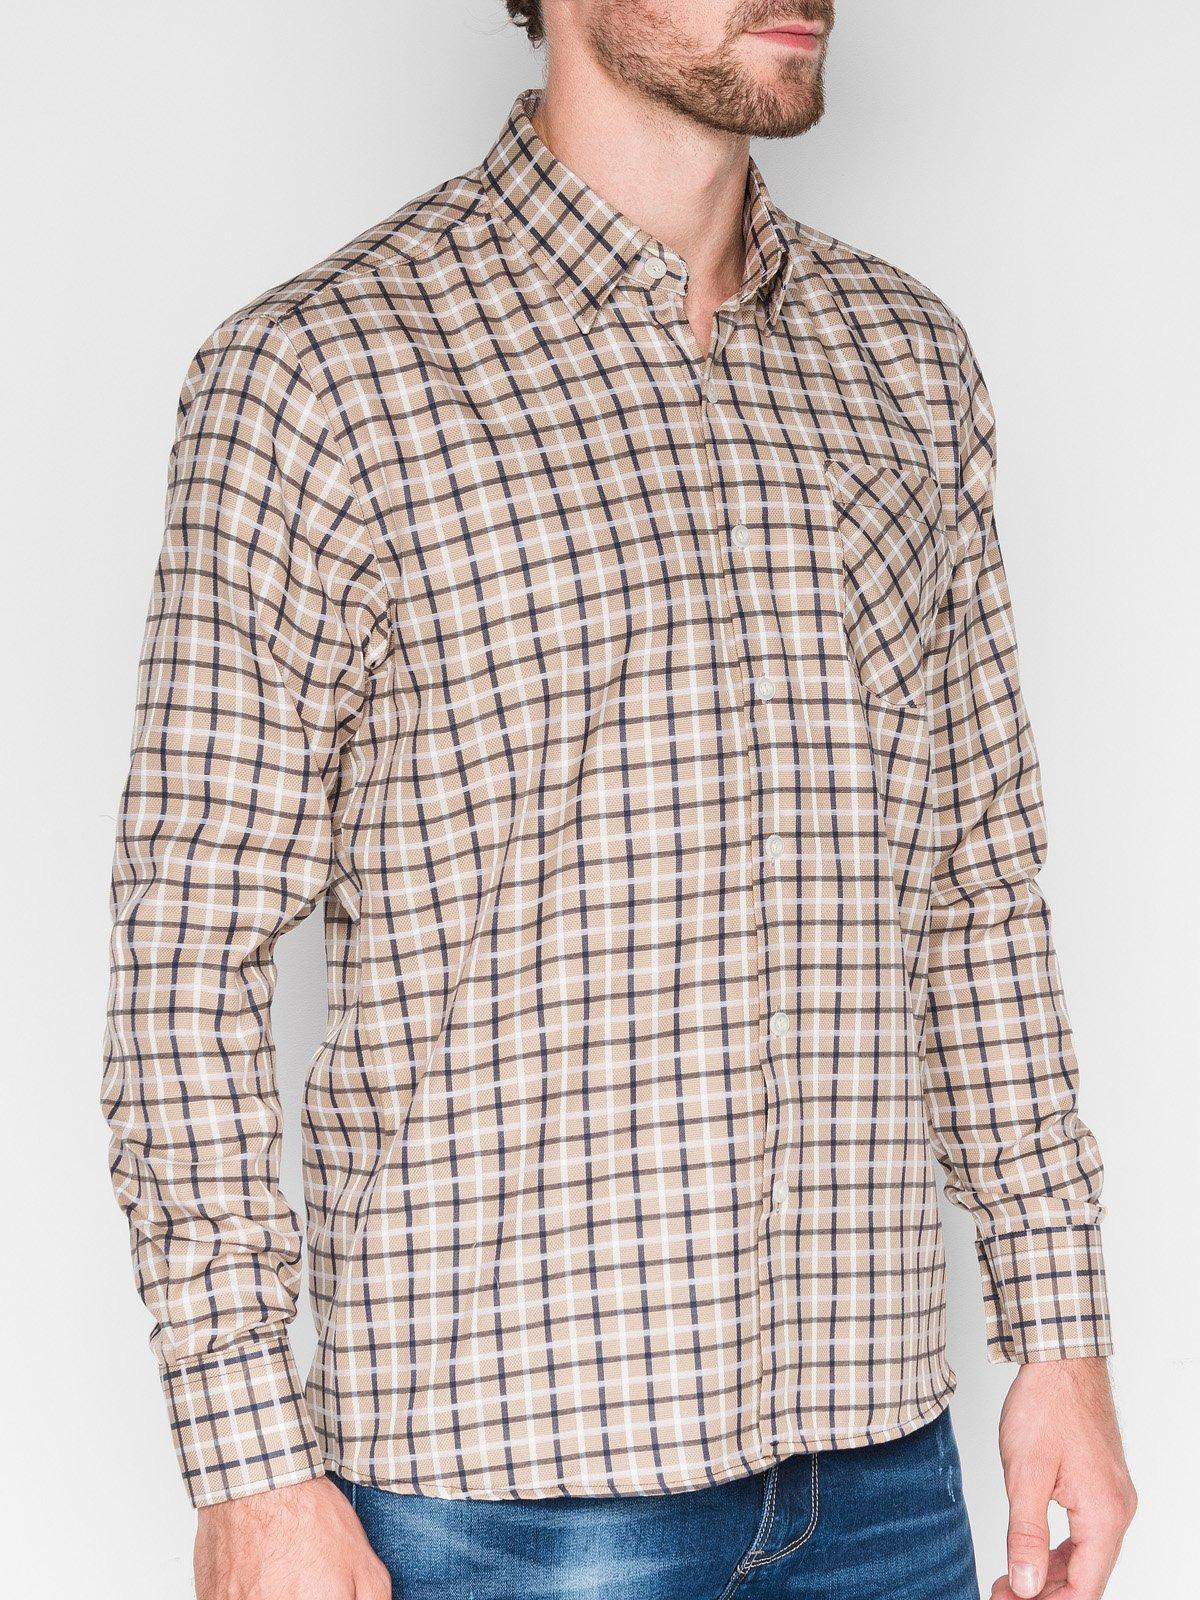 6a4c2935bee ... Мужская рубашка в клеточку с длинным рукавом k429- бежевая тёмно-синяя  ...